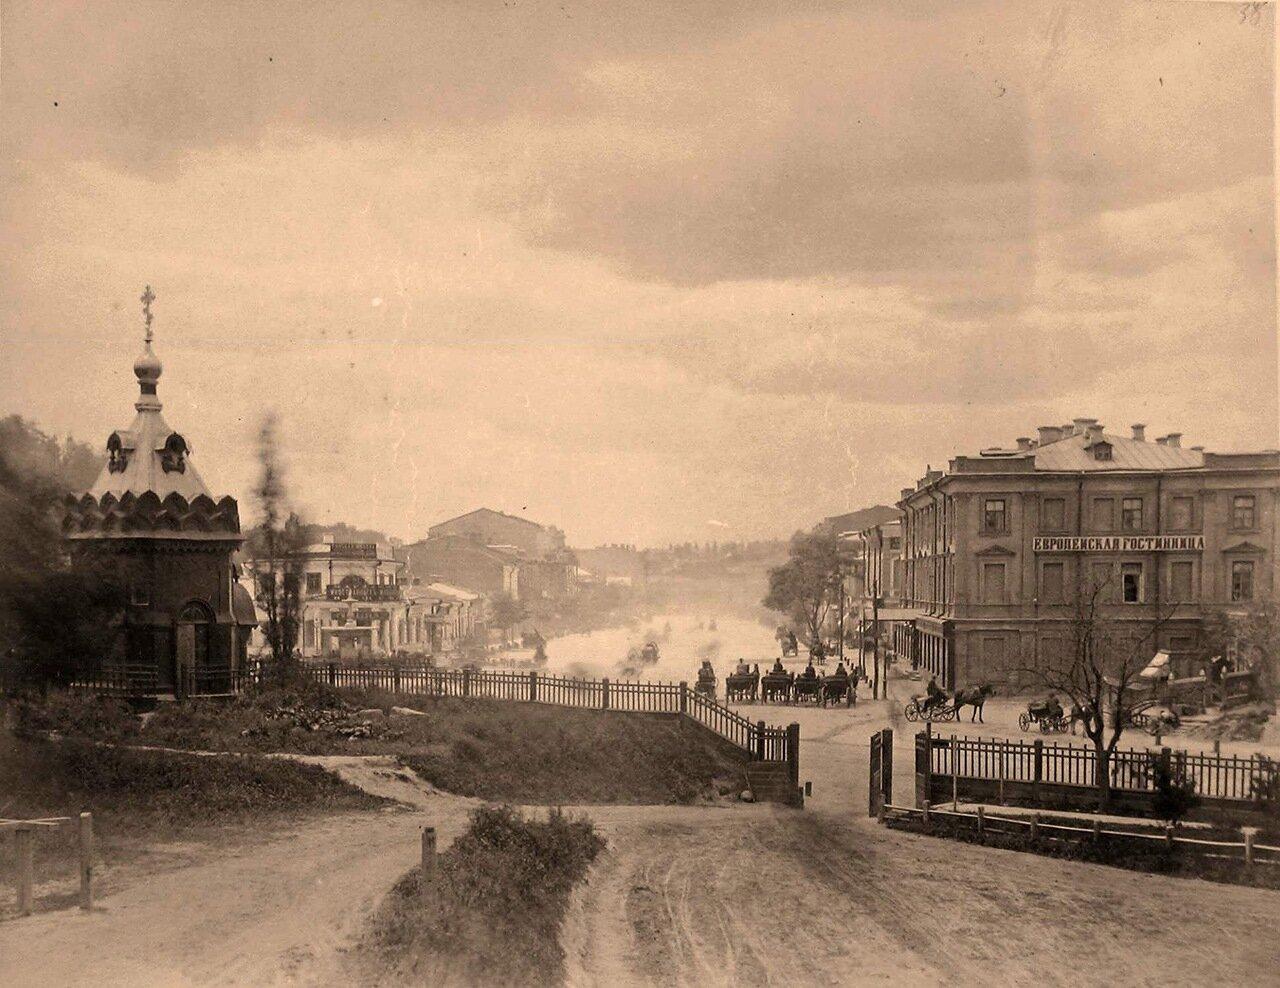 37.Вид части Европейской (другие названия - Конная, Театральная) площади; справа - гостиница Европейская (после 1851 г., проект архитектора А.В.Беретти)